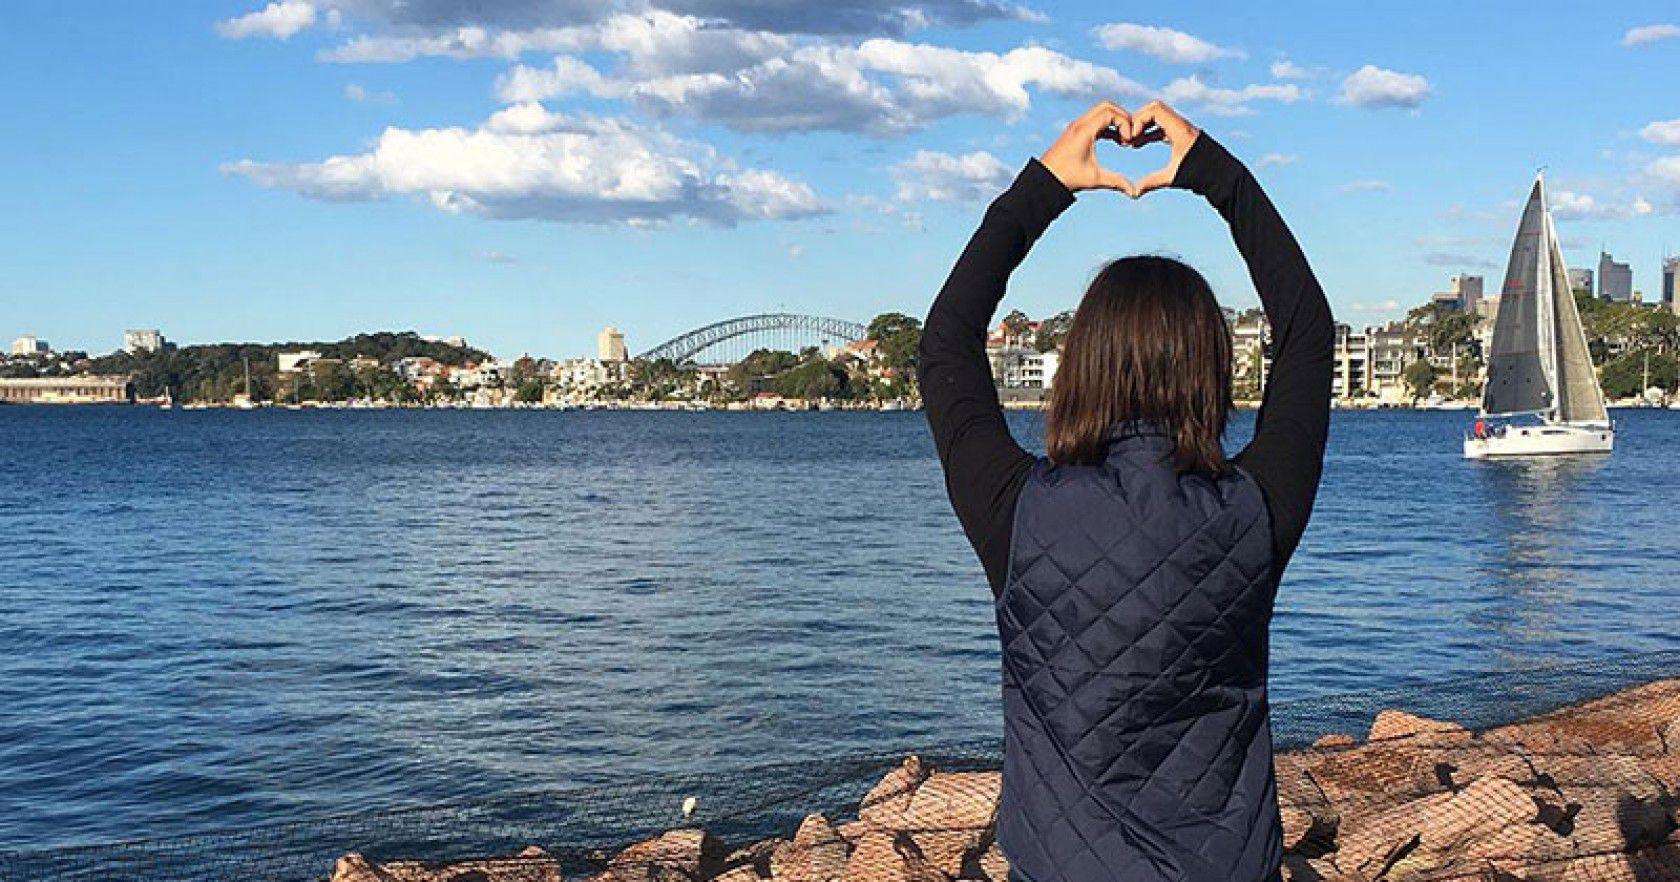 Avustralya'da Diploma Veren Özel Okullar ve Mezuniyet Olanakları Hakkında Bilinmesi Gerekenler